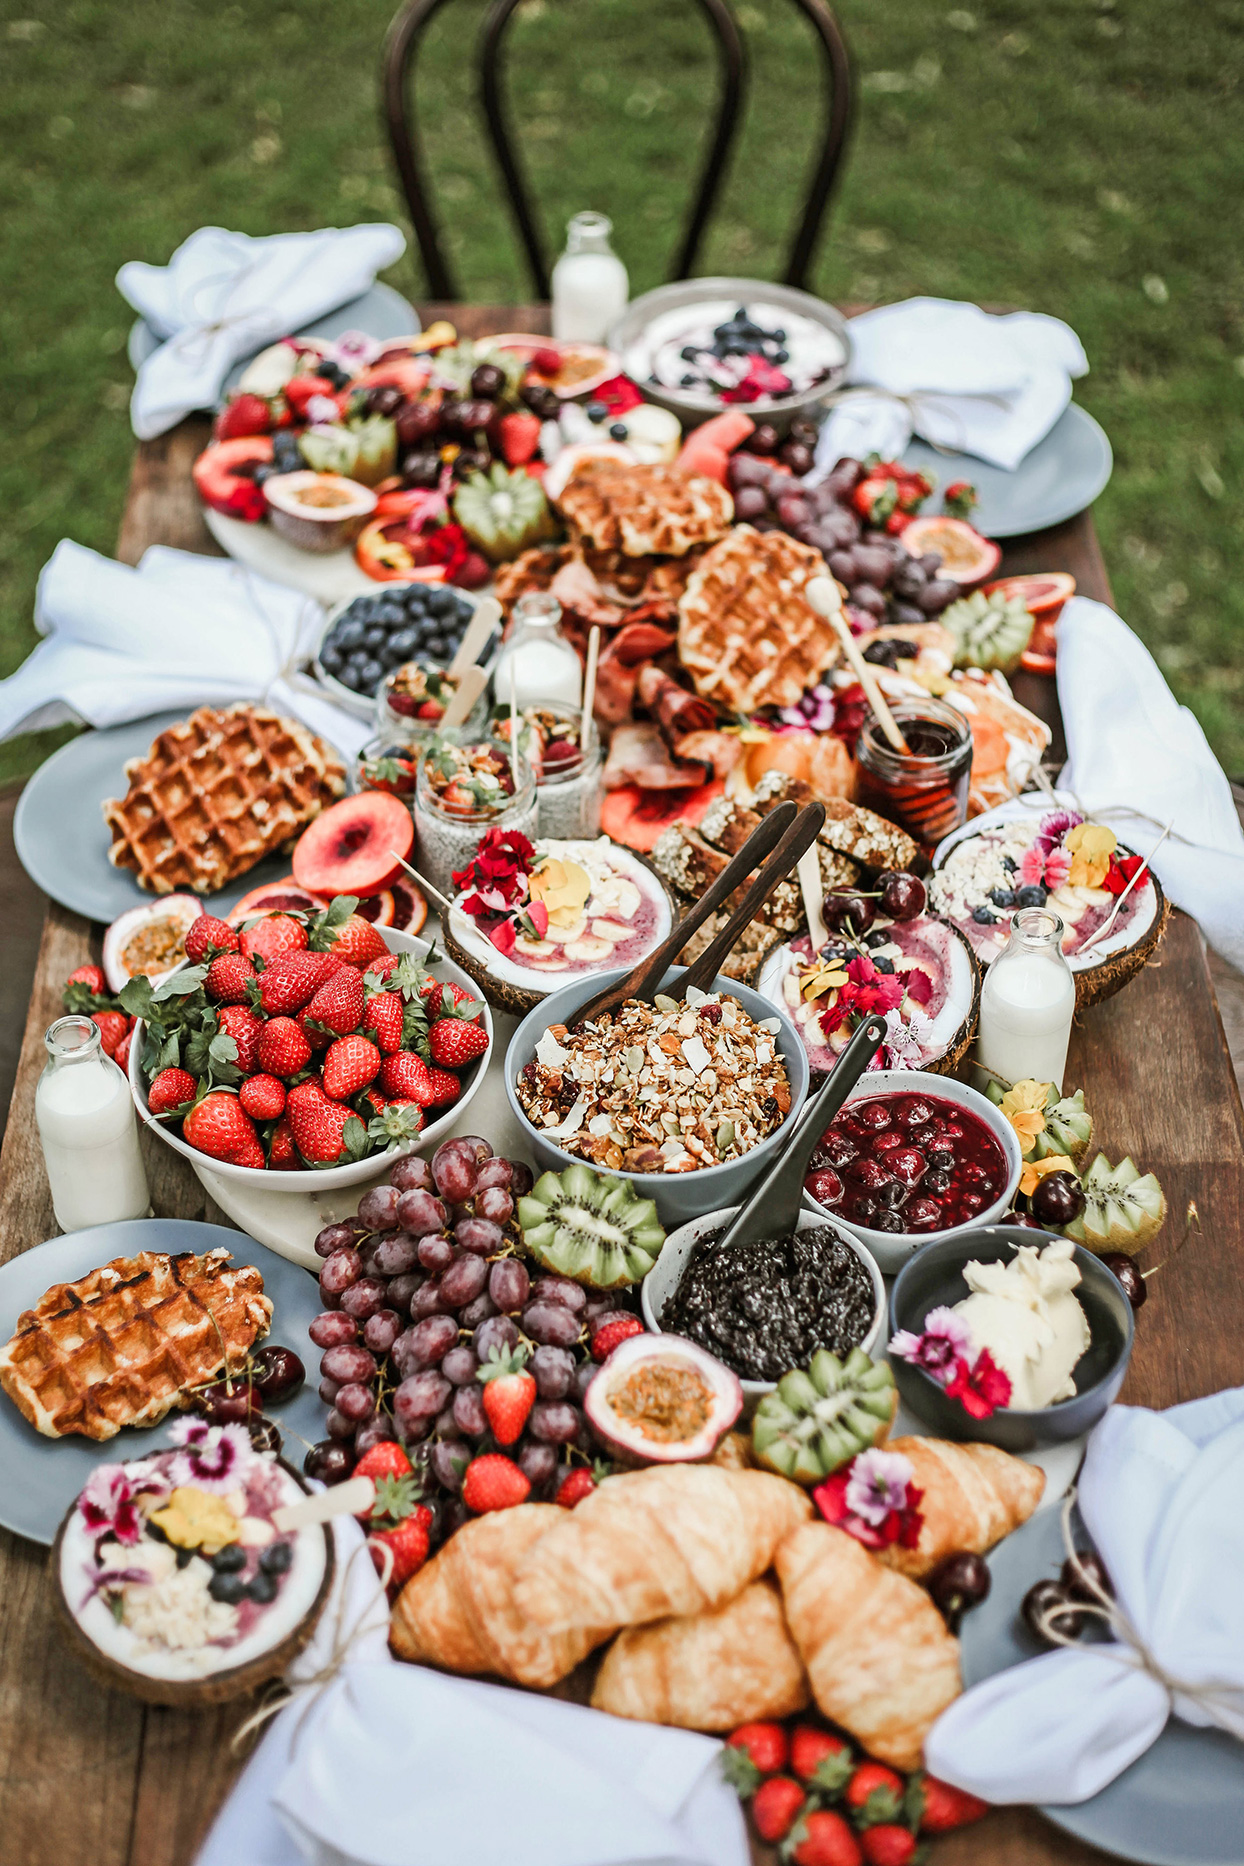 wedding grazing board breakfast buffet with fruit, waffles, croissants